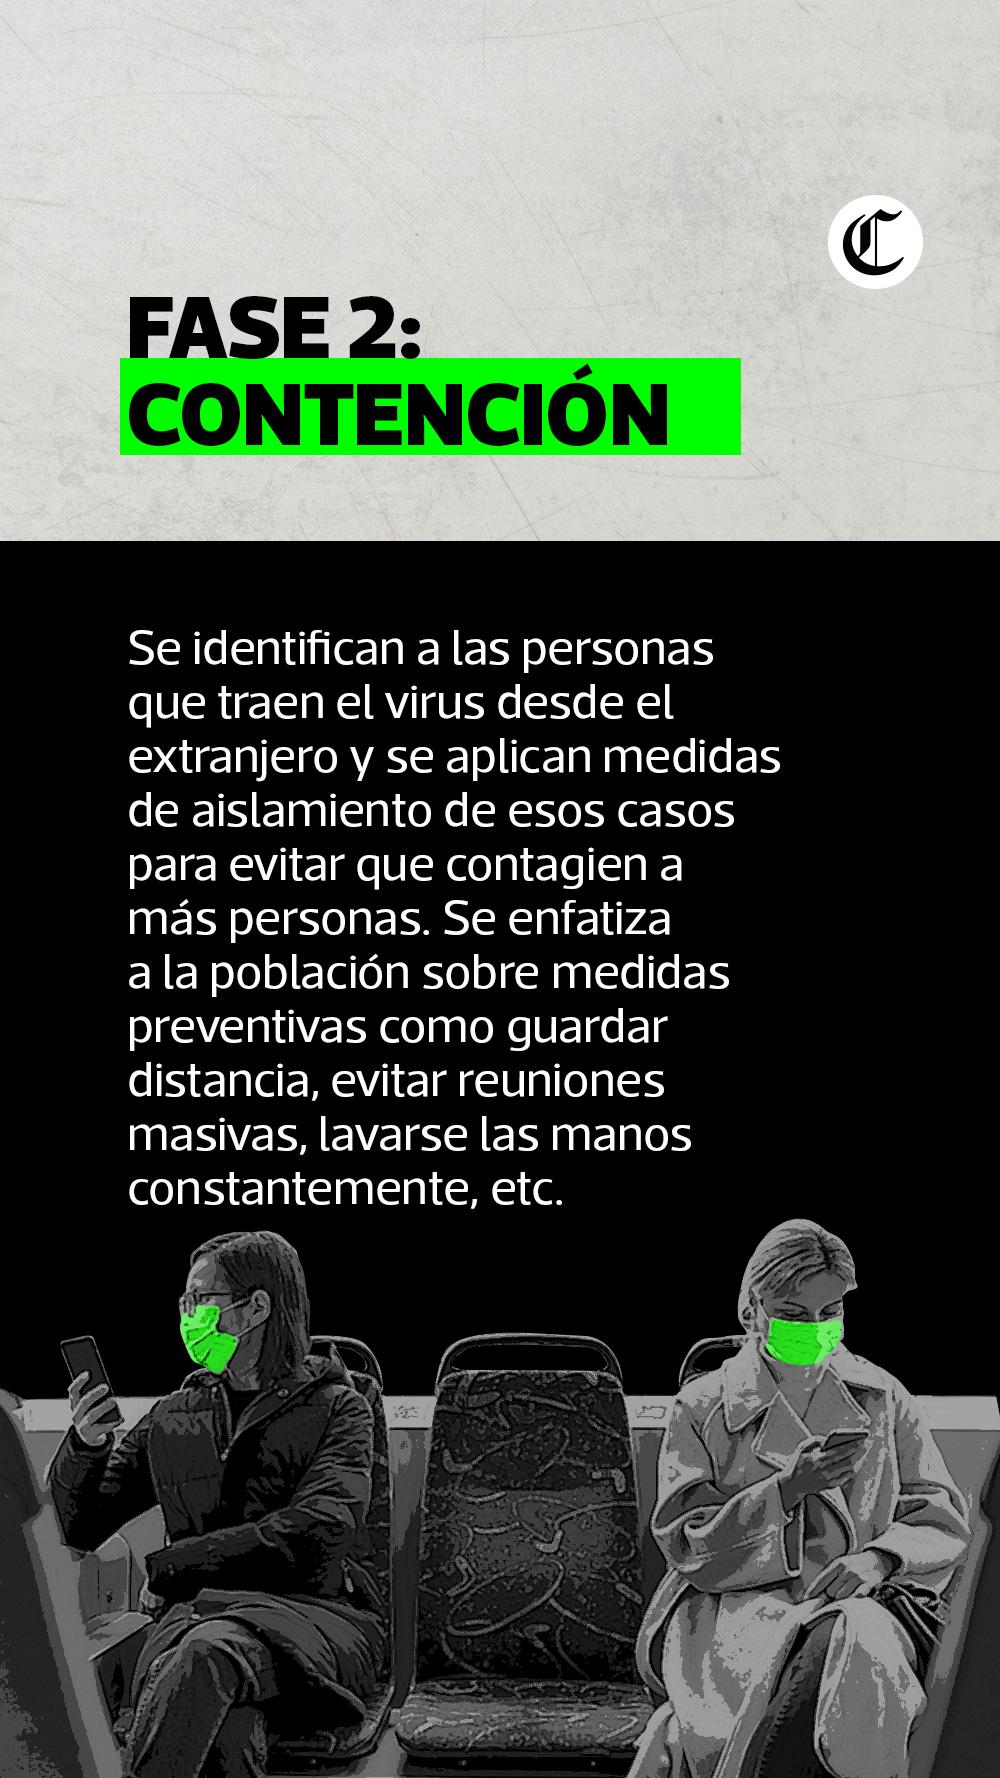 Las fases para contener al Coronavirus COVID-19 | El Comercio Perú